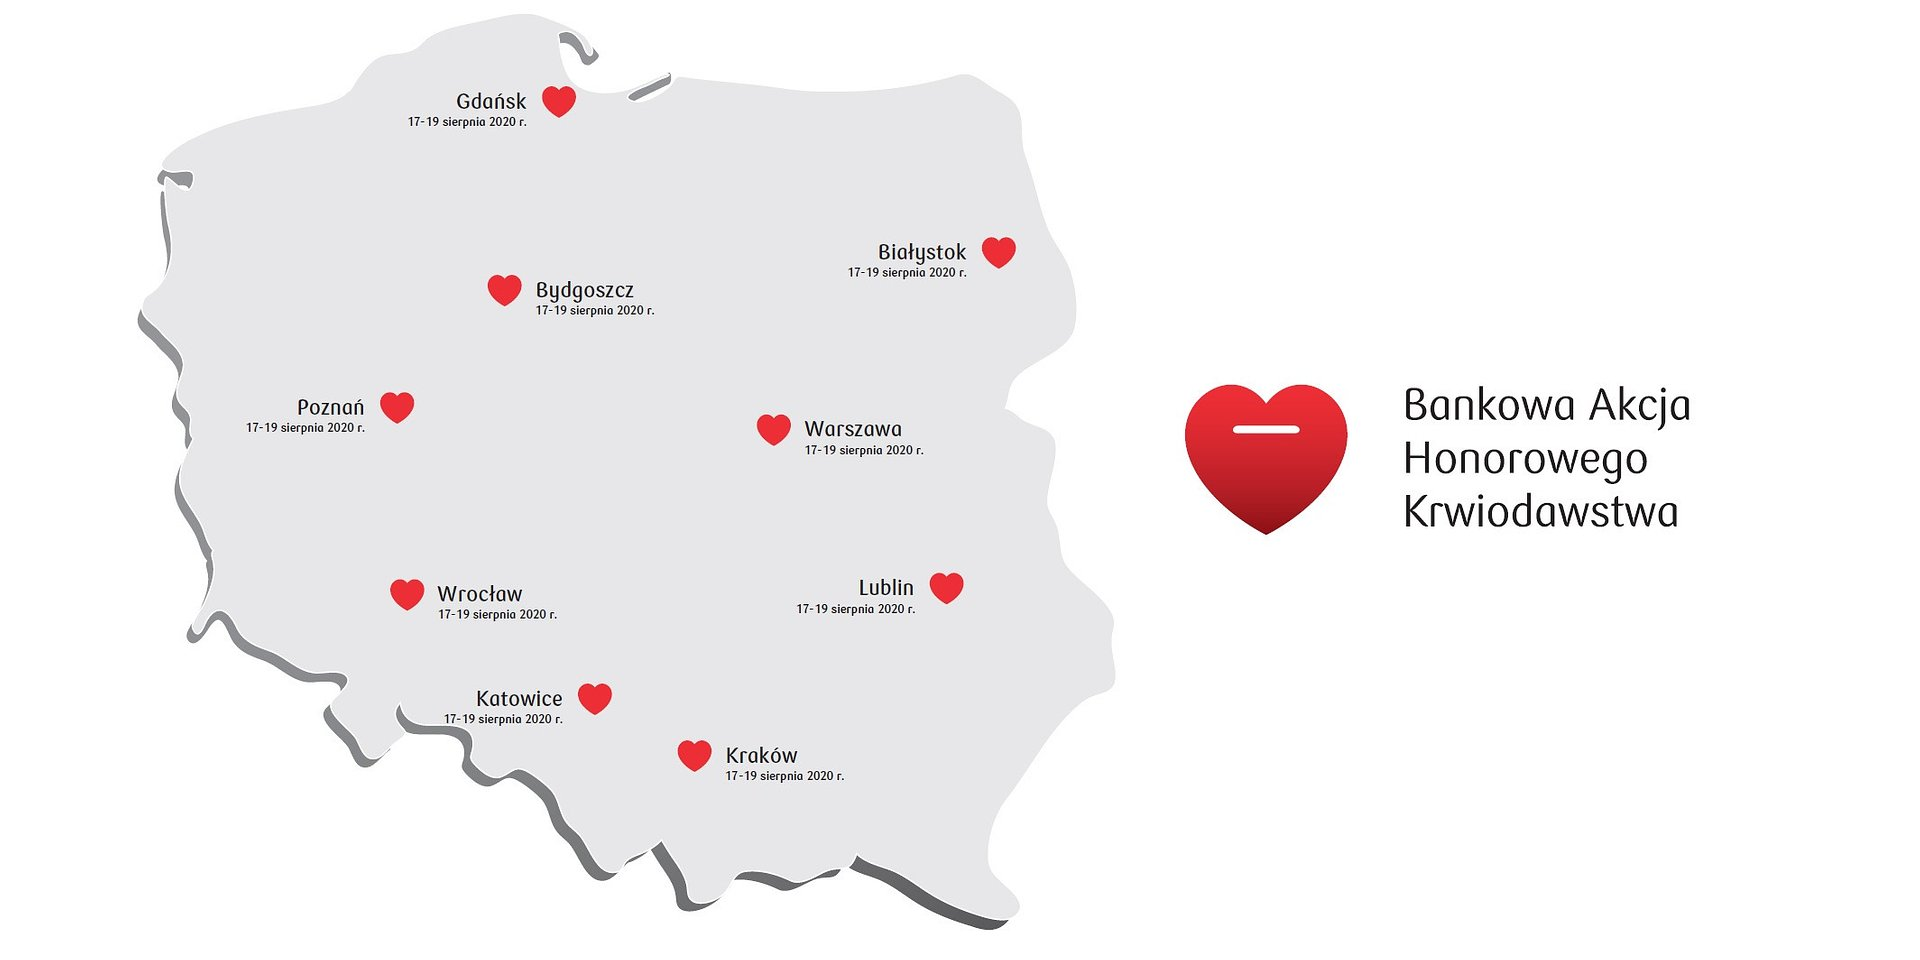 Przyłącz się do Bankowej Akcji Honorowego Krwiodawstwa w Warszawie